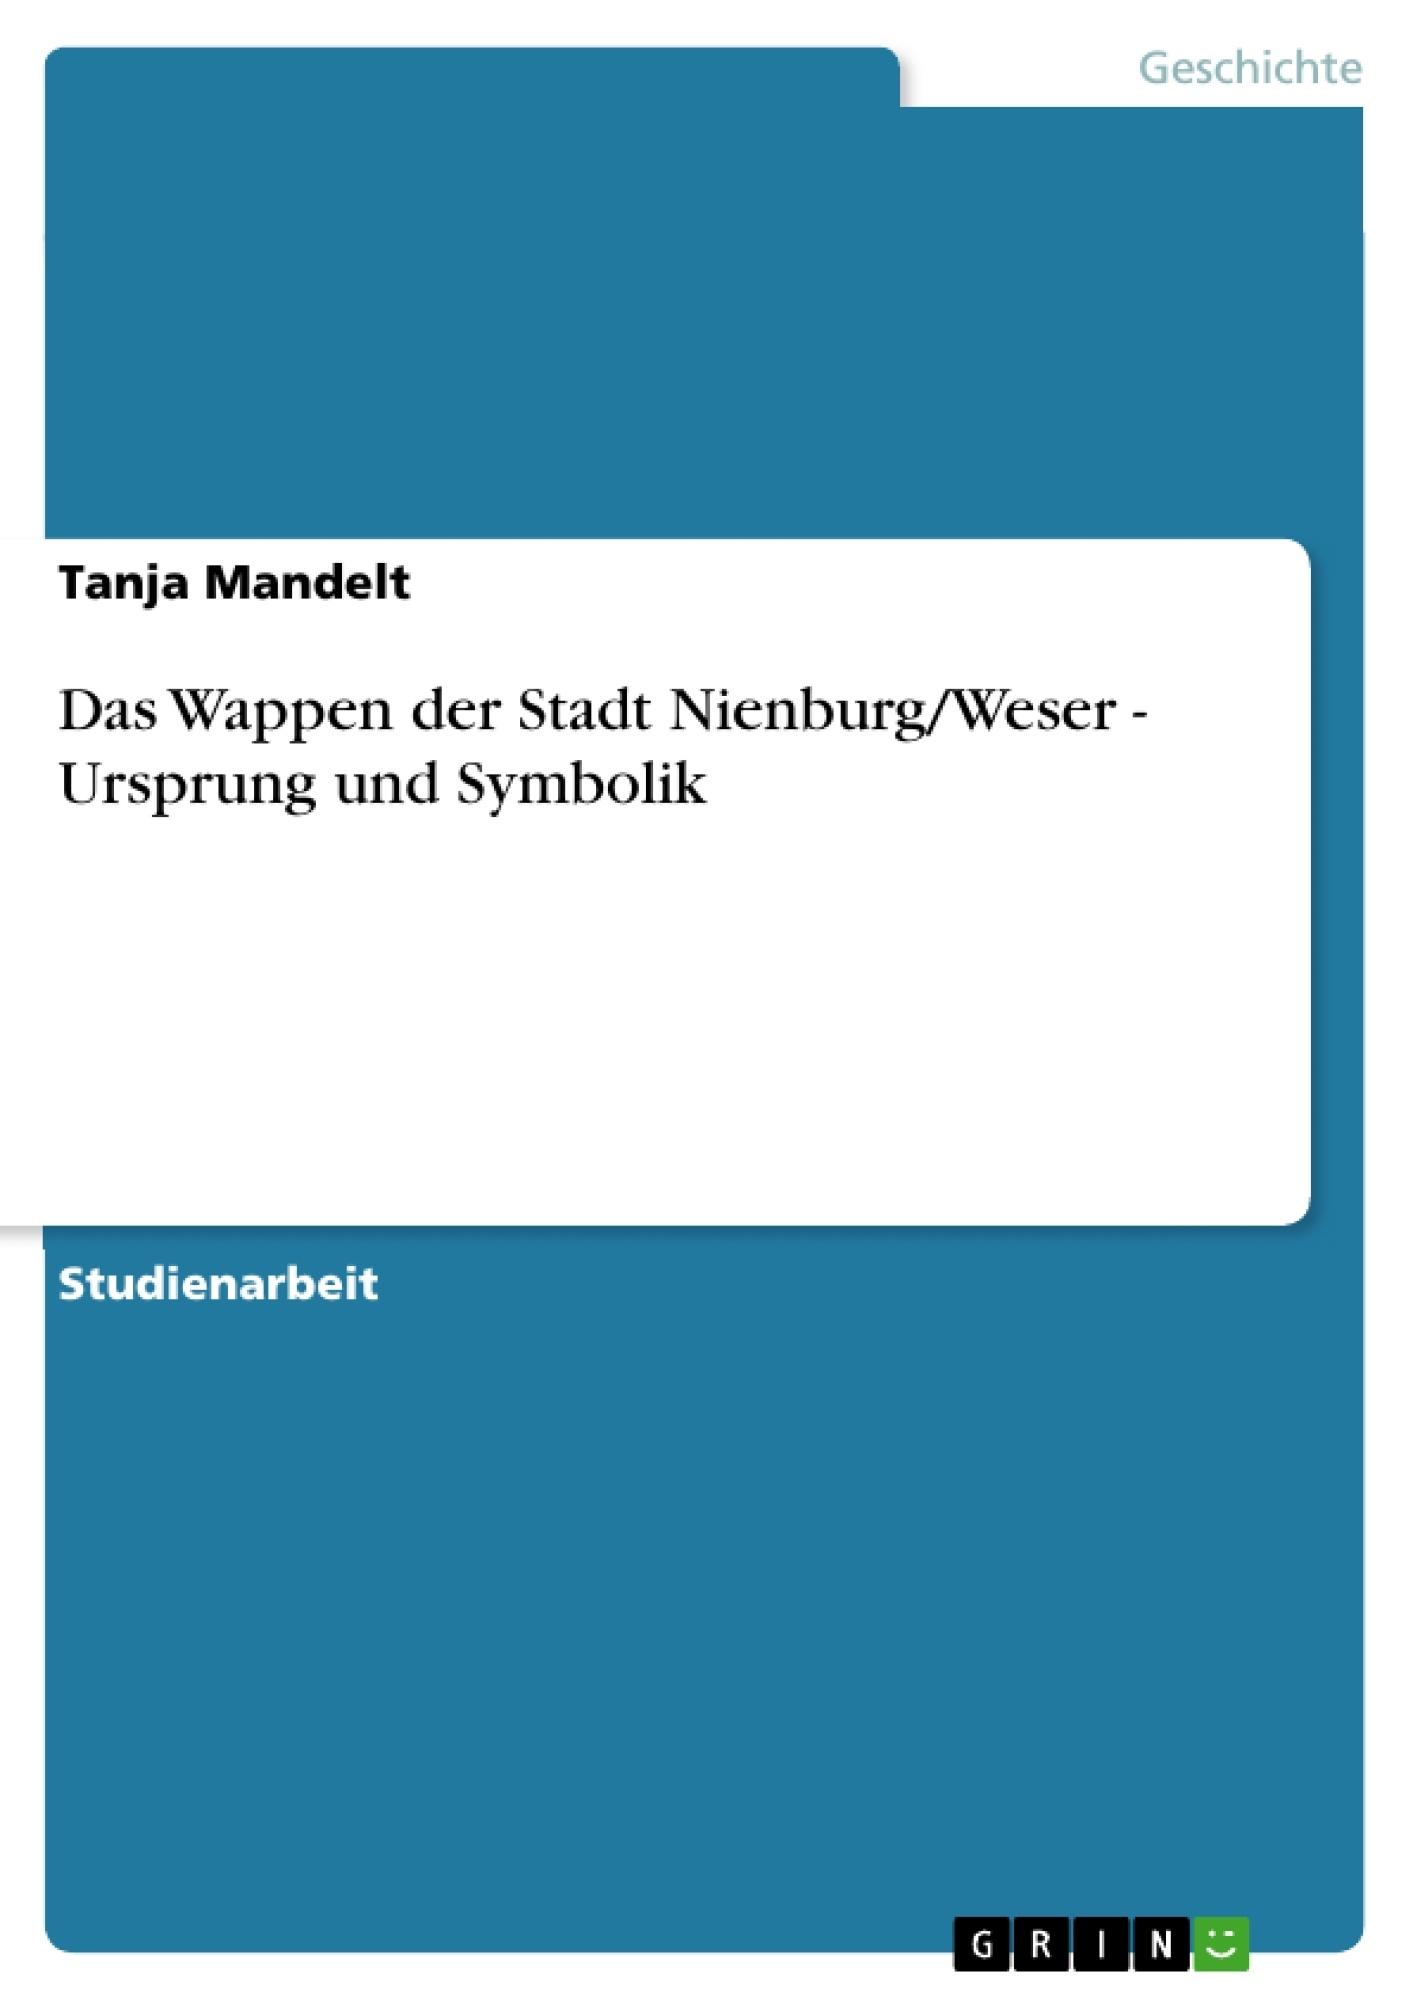 Titel: Das Wappen der Stadt Nienburg/Weser - Ursprung und Symbolik